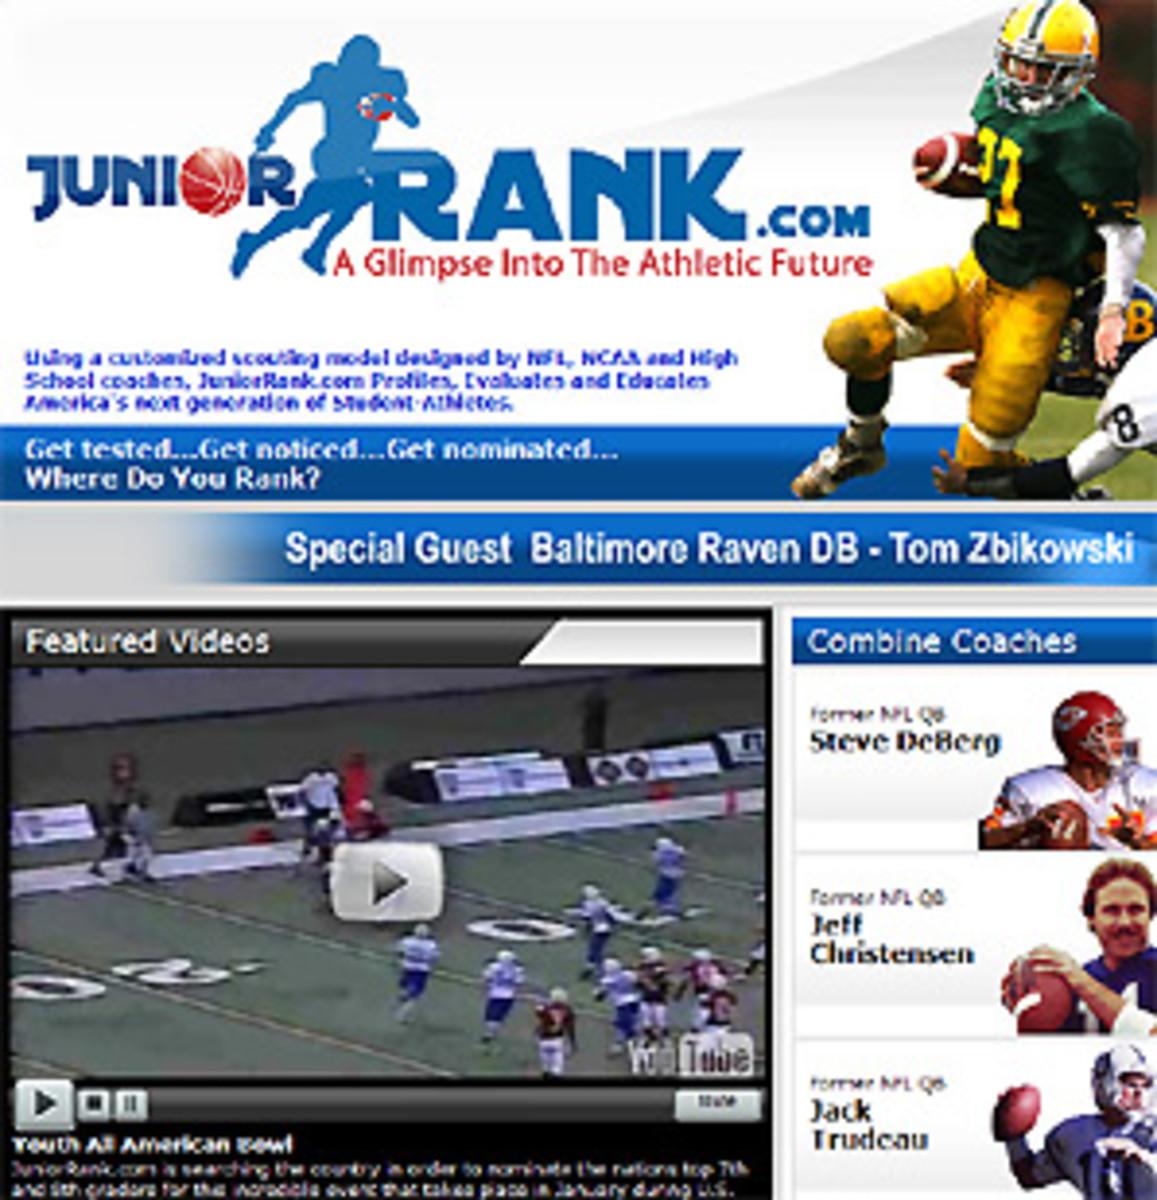 Junior-Rank.jpg